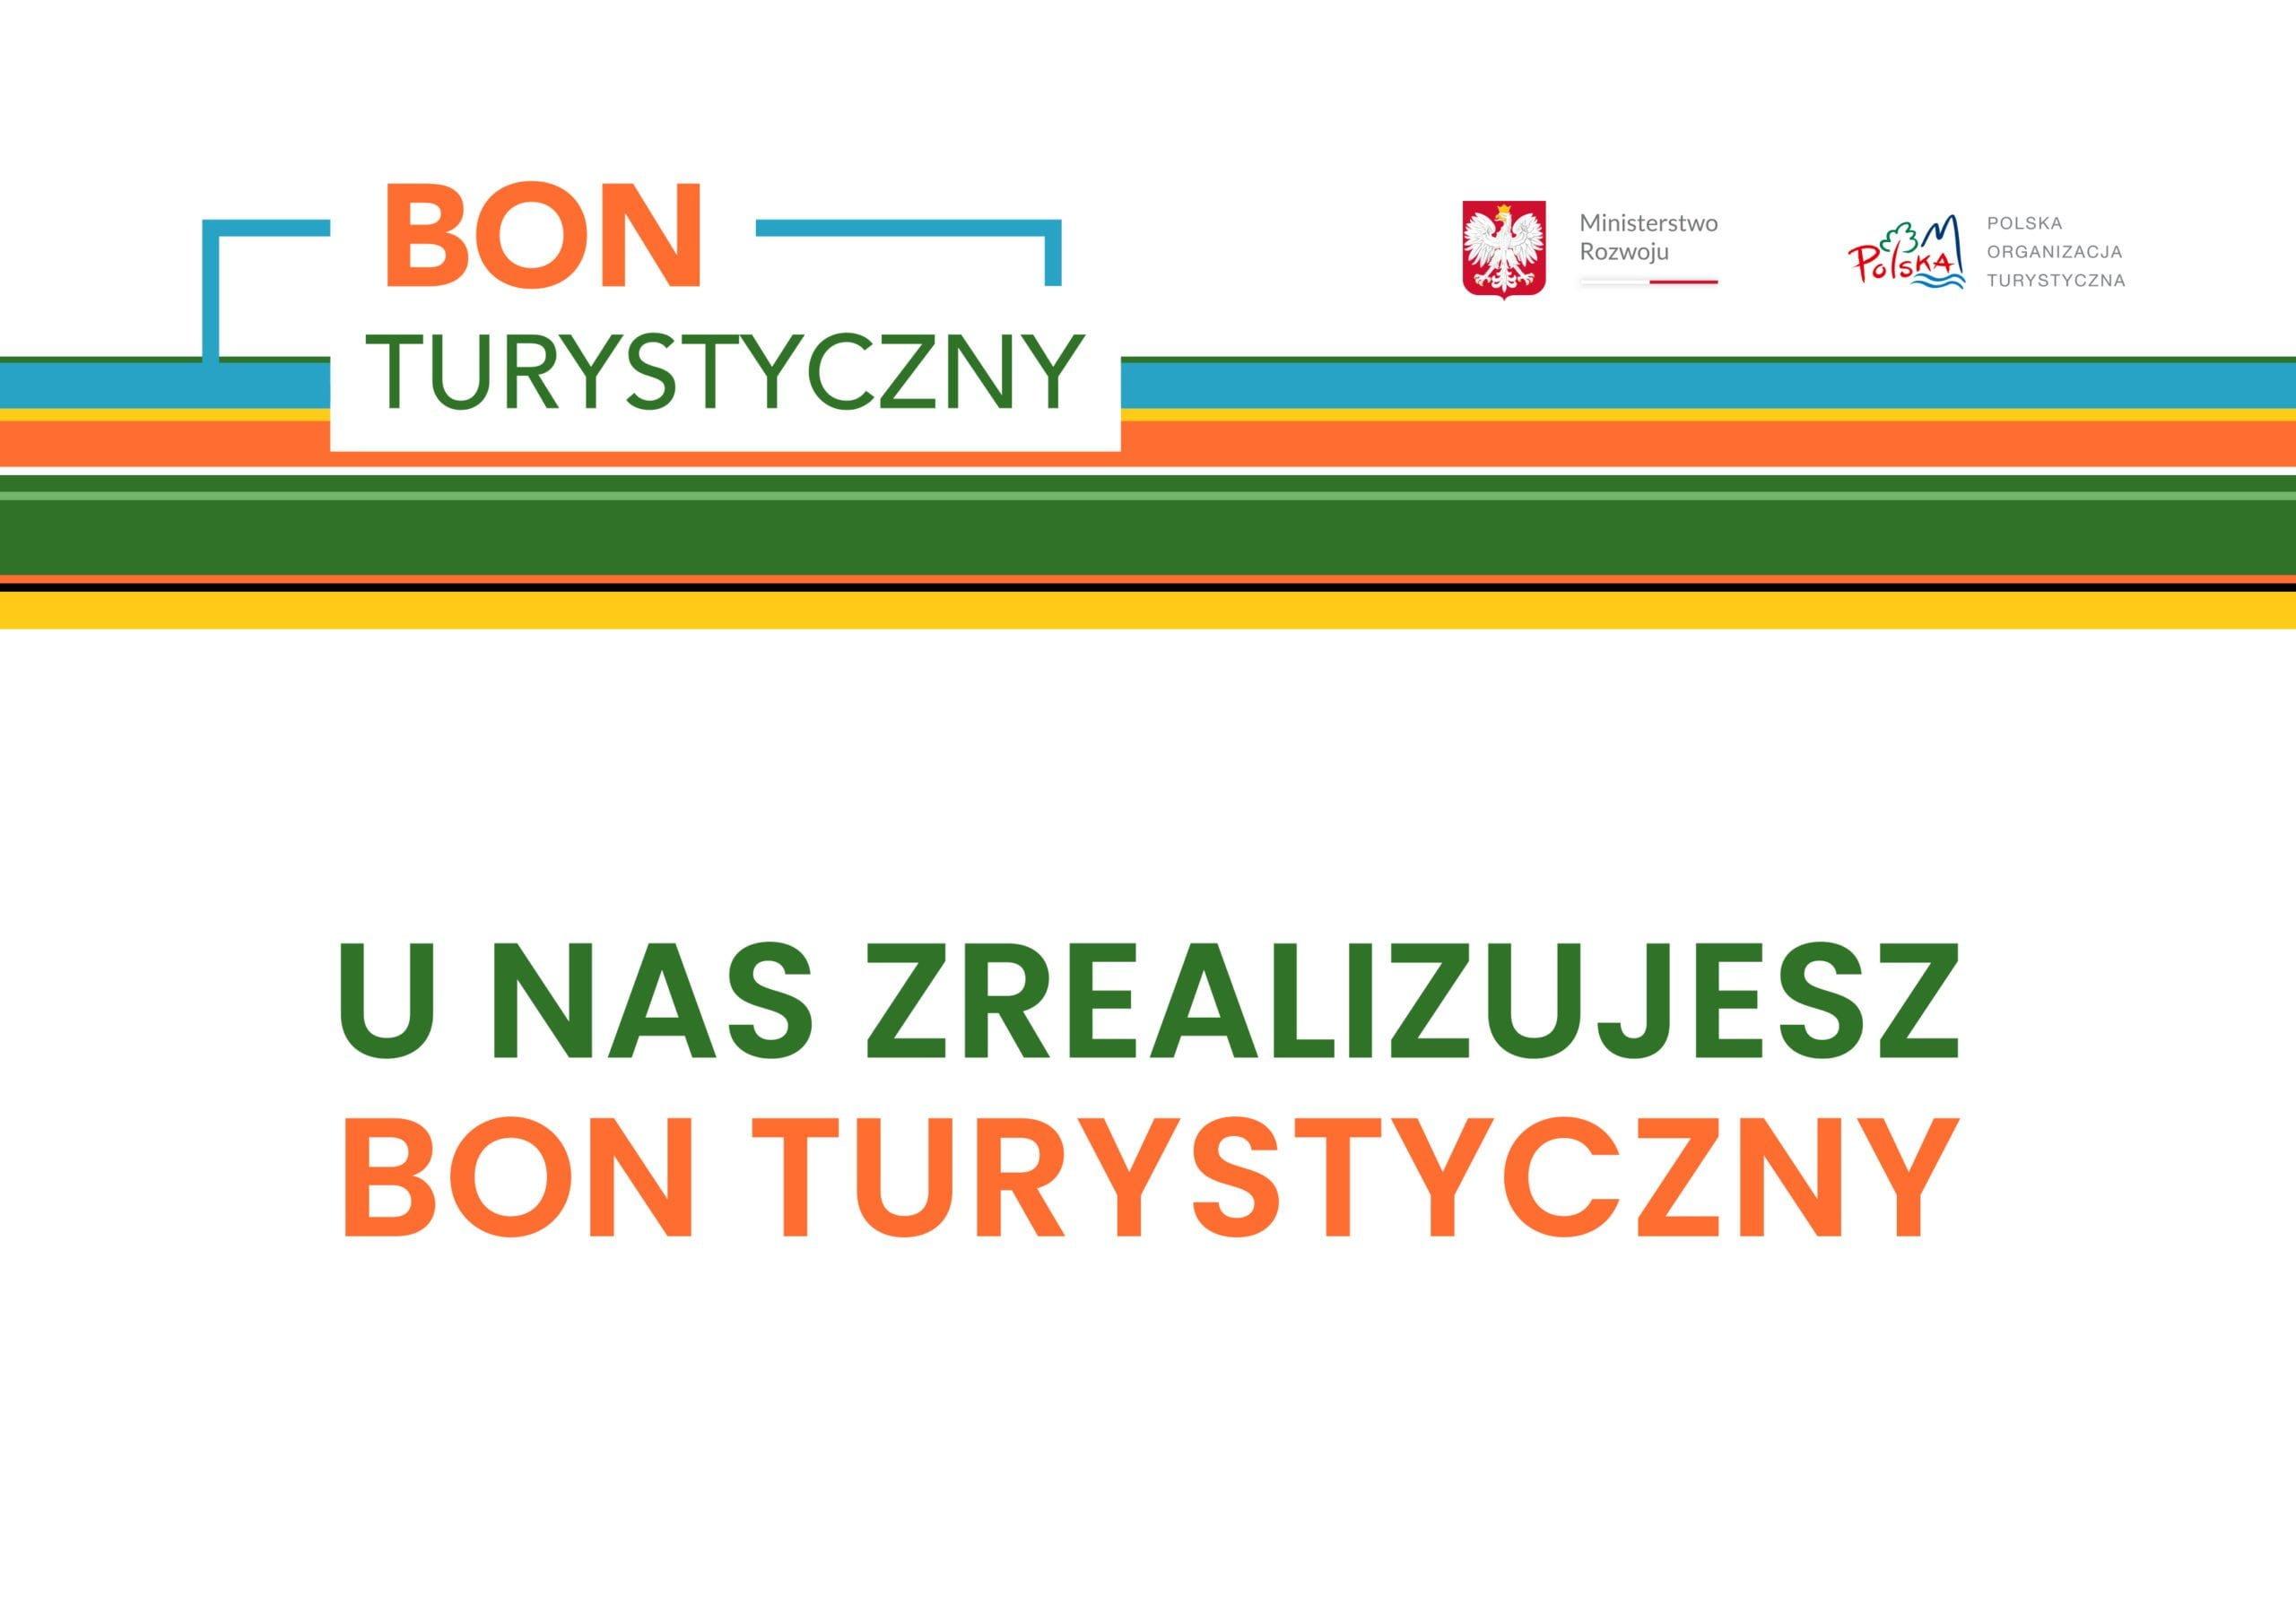 Bon turystyczny - Bałtowski Kompleks Turystyczny